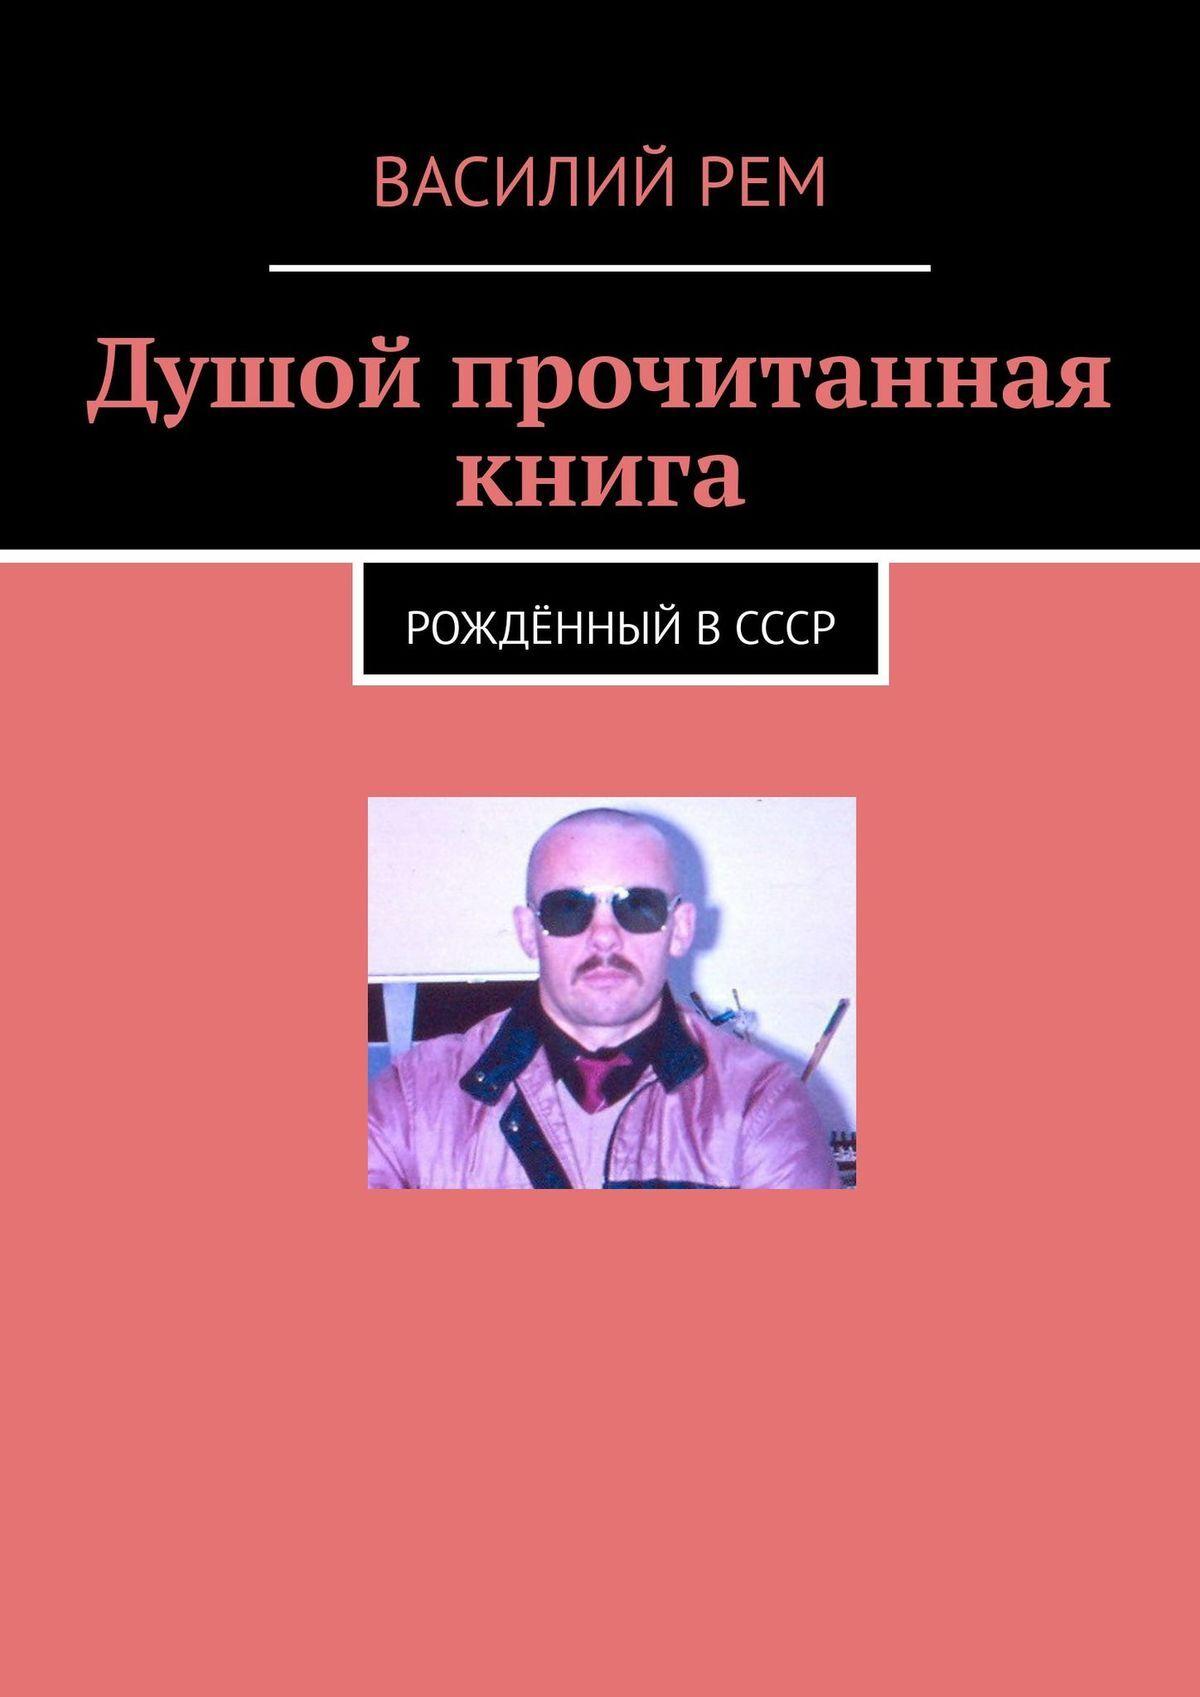 Василий Рем Душой прочитанная книга. Рождённый вСССР адаптер hama rca f 6 3 мм jack m моно h 43356